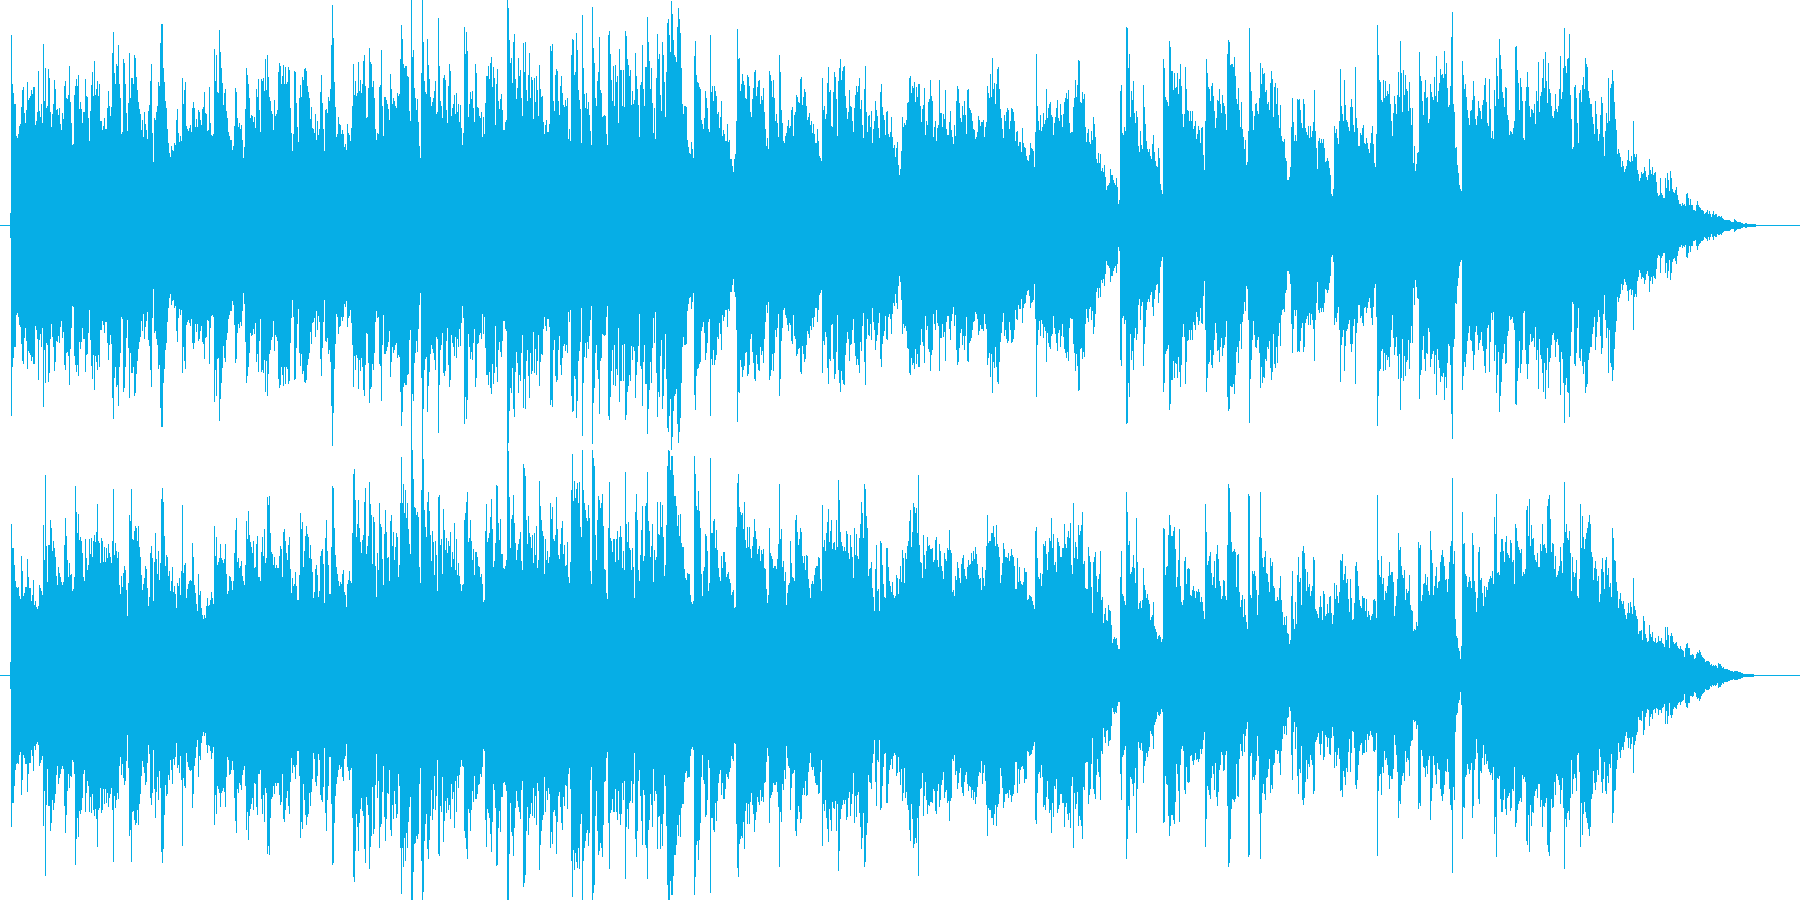 森のオーガニックギター/クラシックギターの再生済みの波形